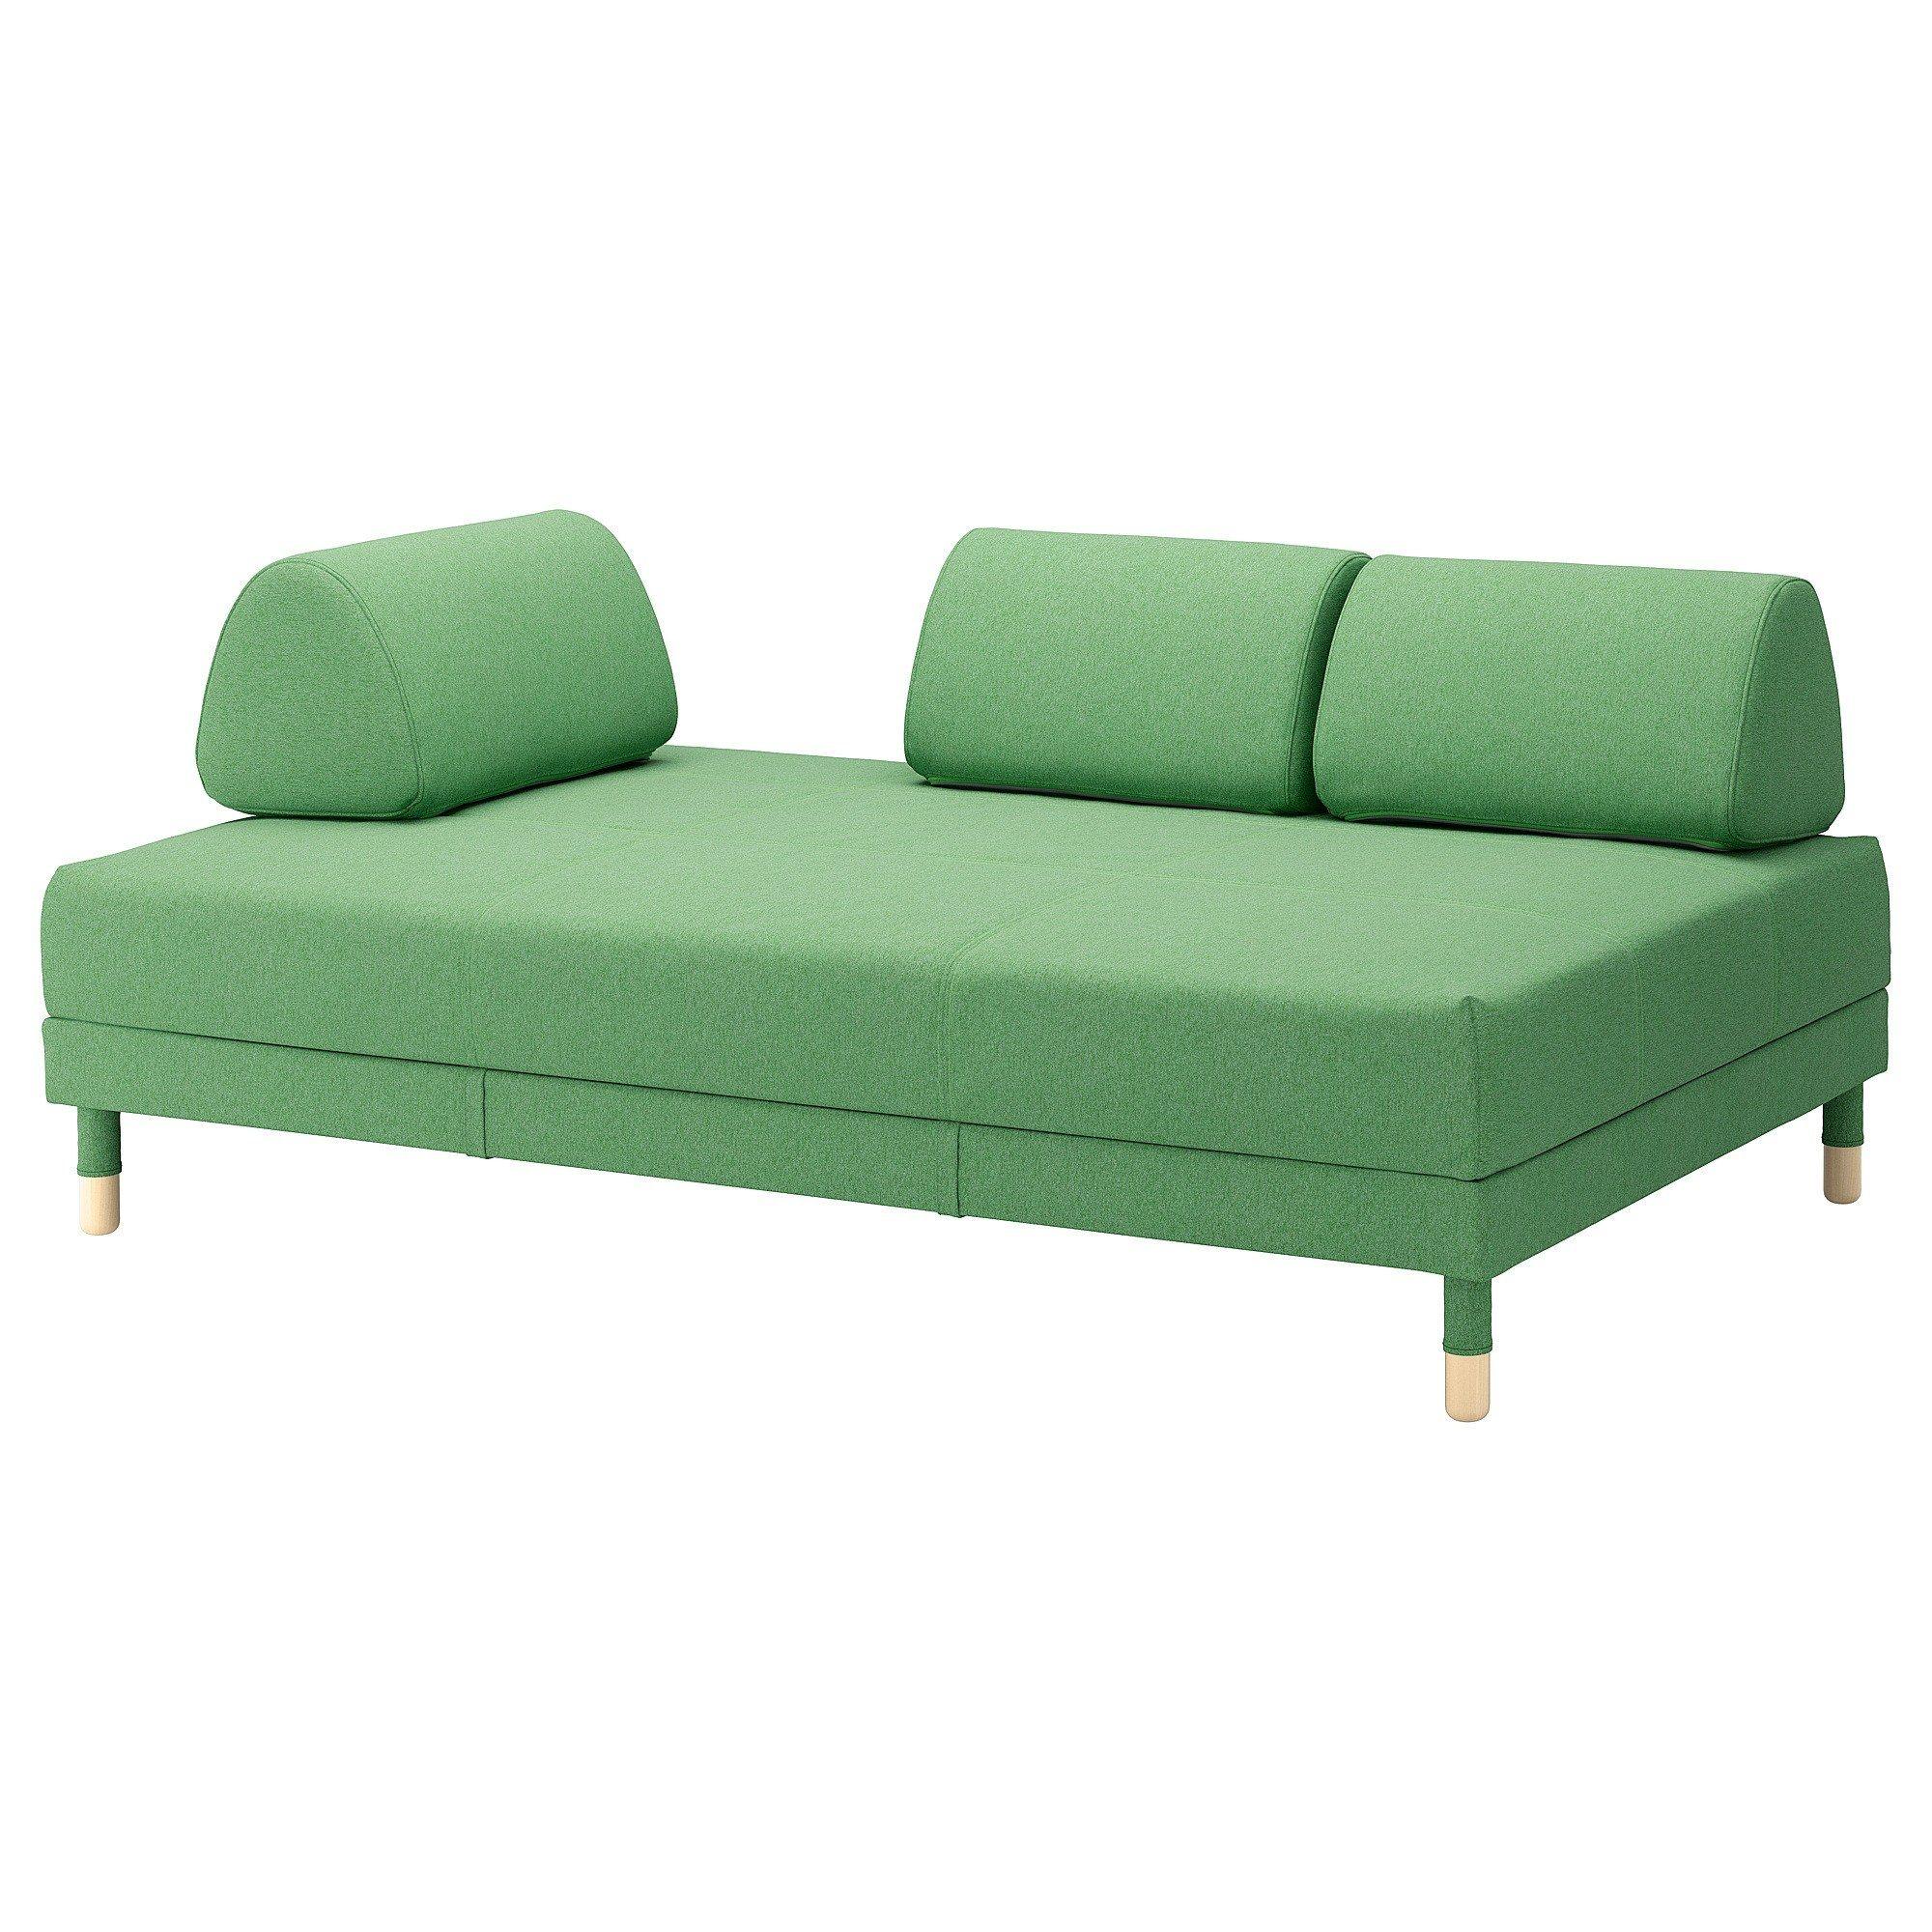 Ikea Lits Superposés Bel Lits Superposés but